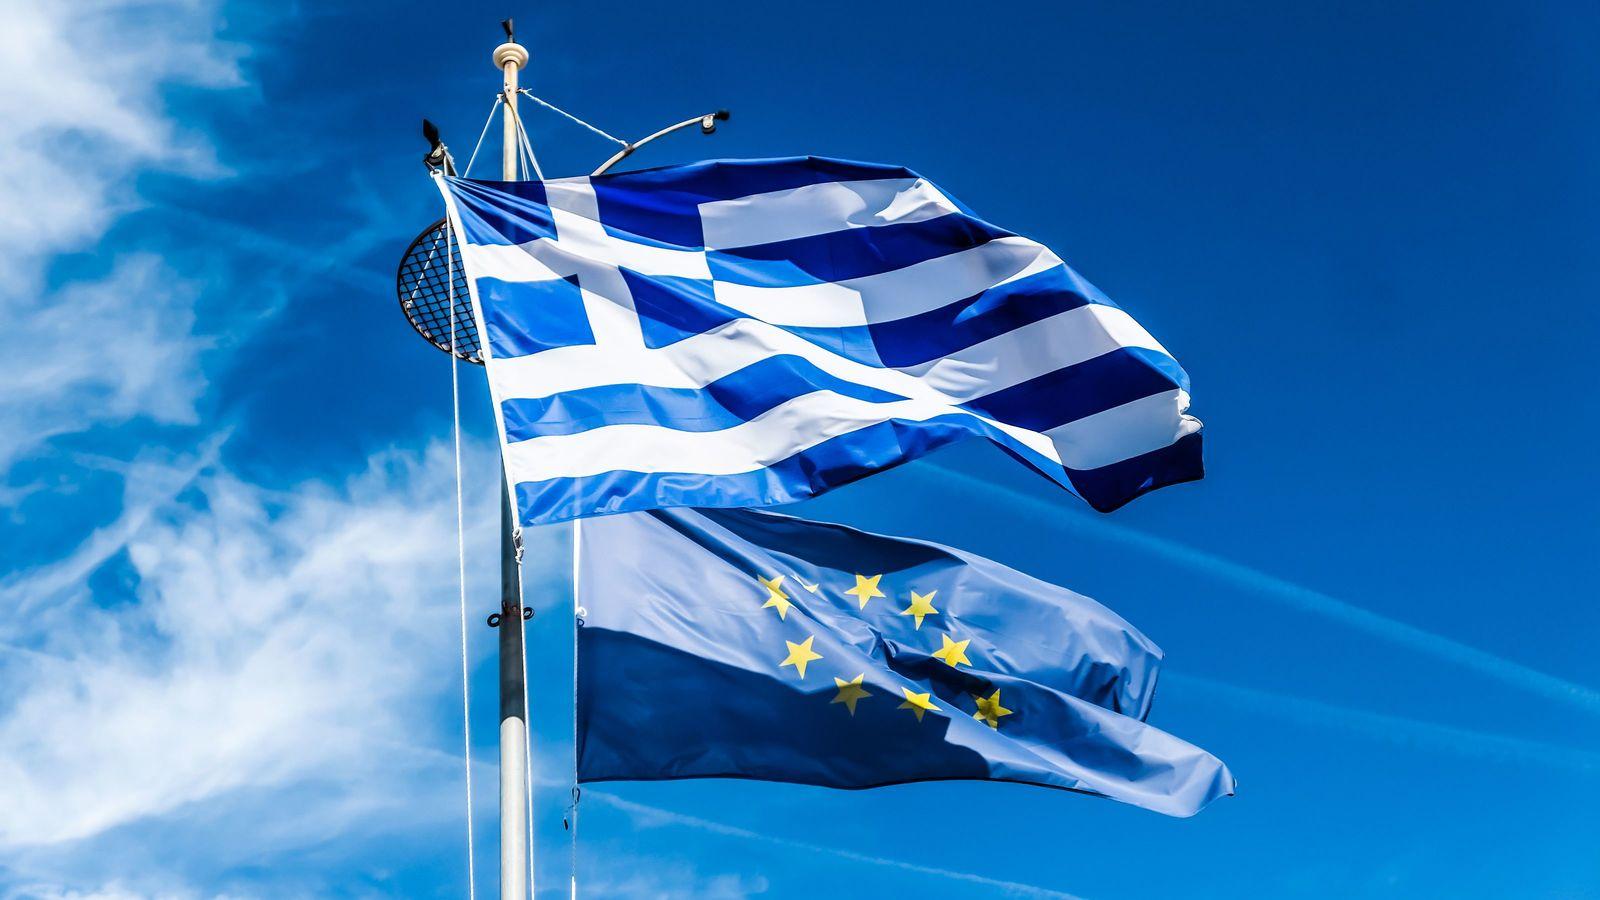 チャイナマネーにすり寄るギリシャ首相の是非 今後のEUの命運を占ううえでも注目